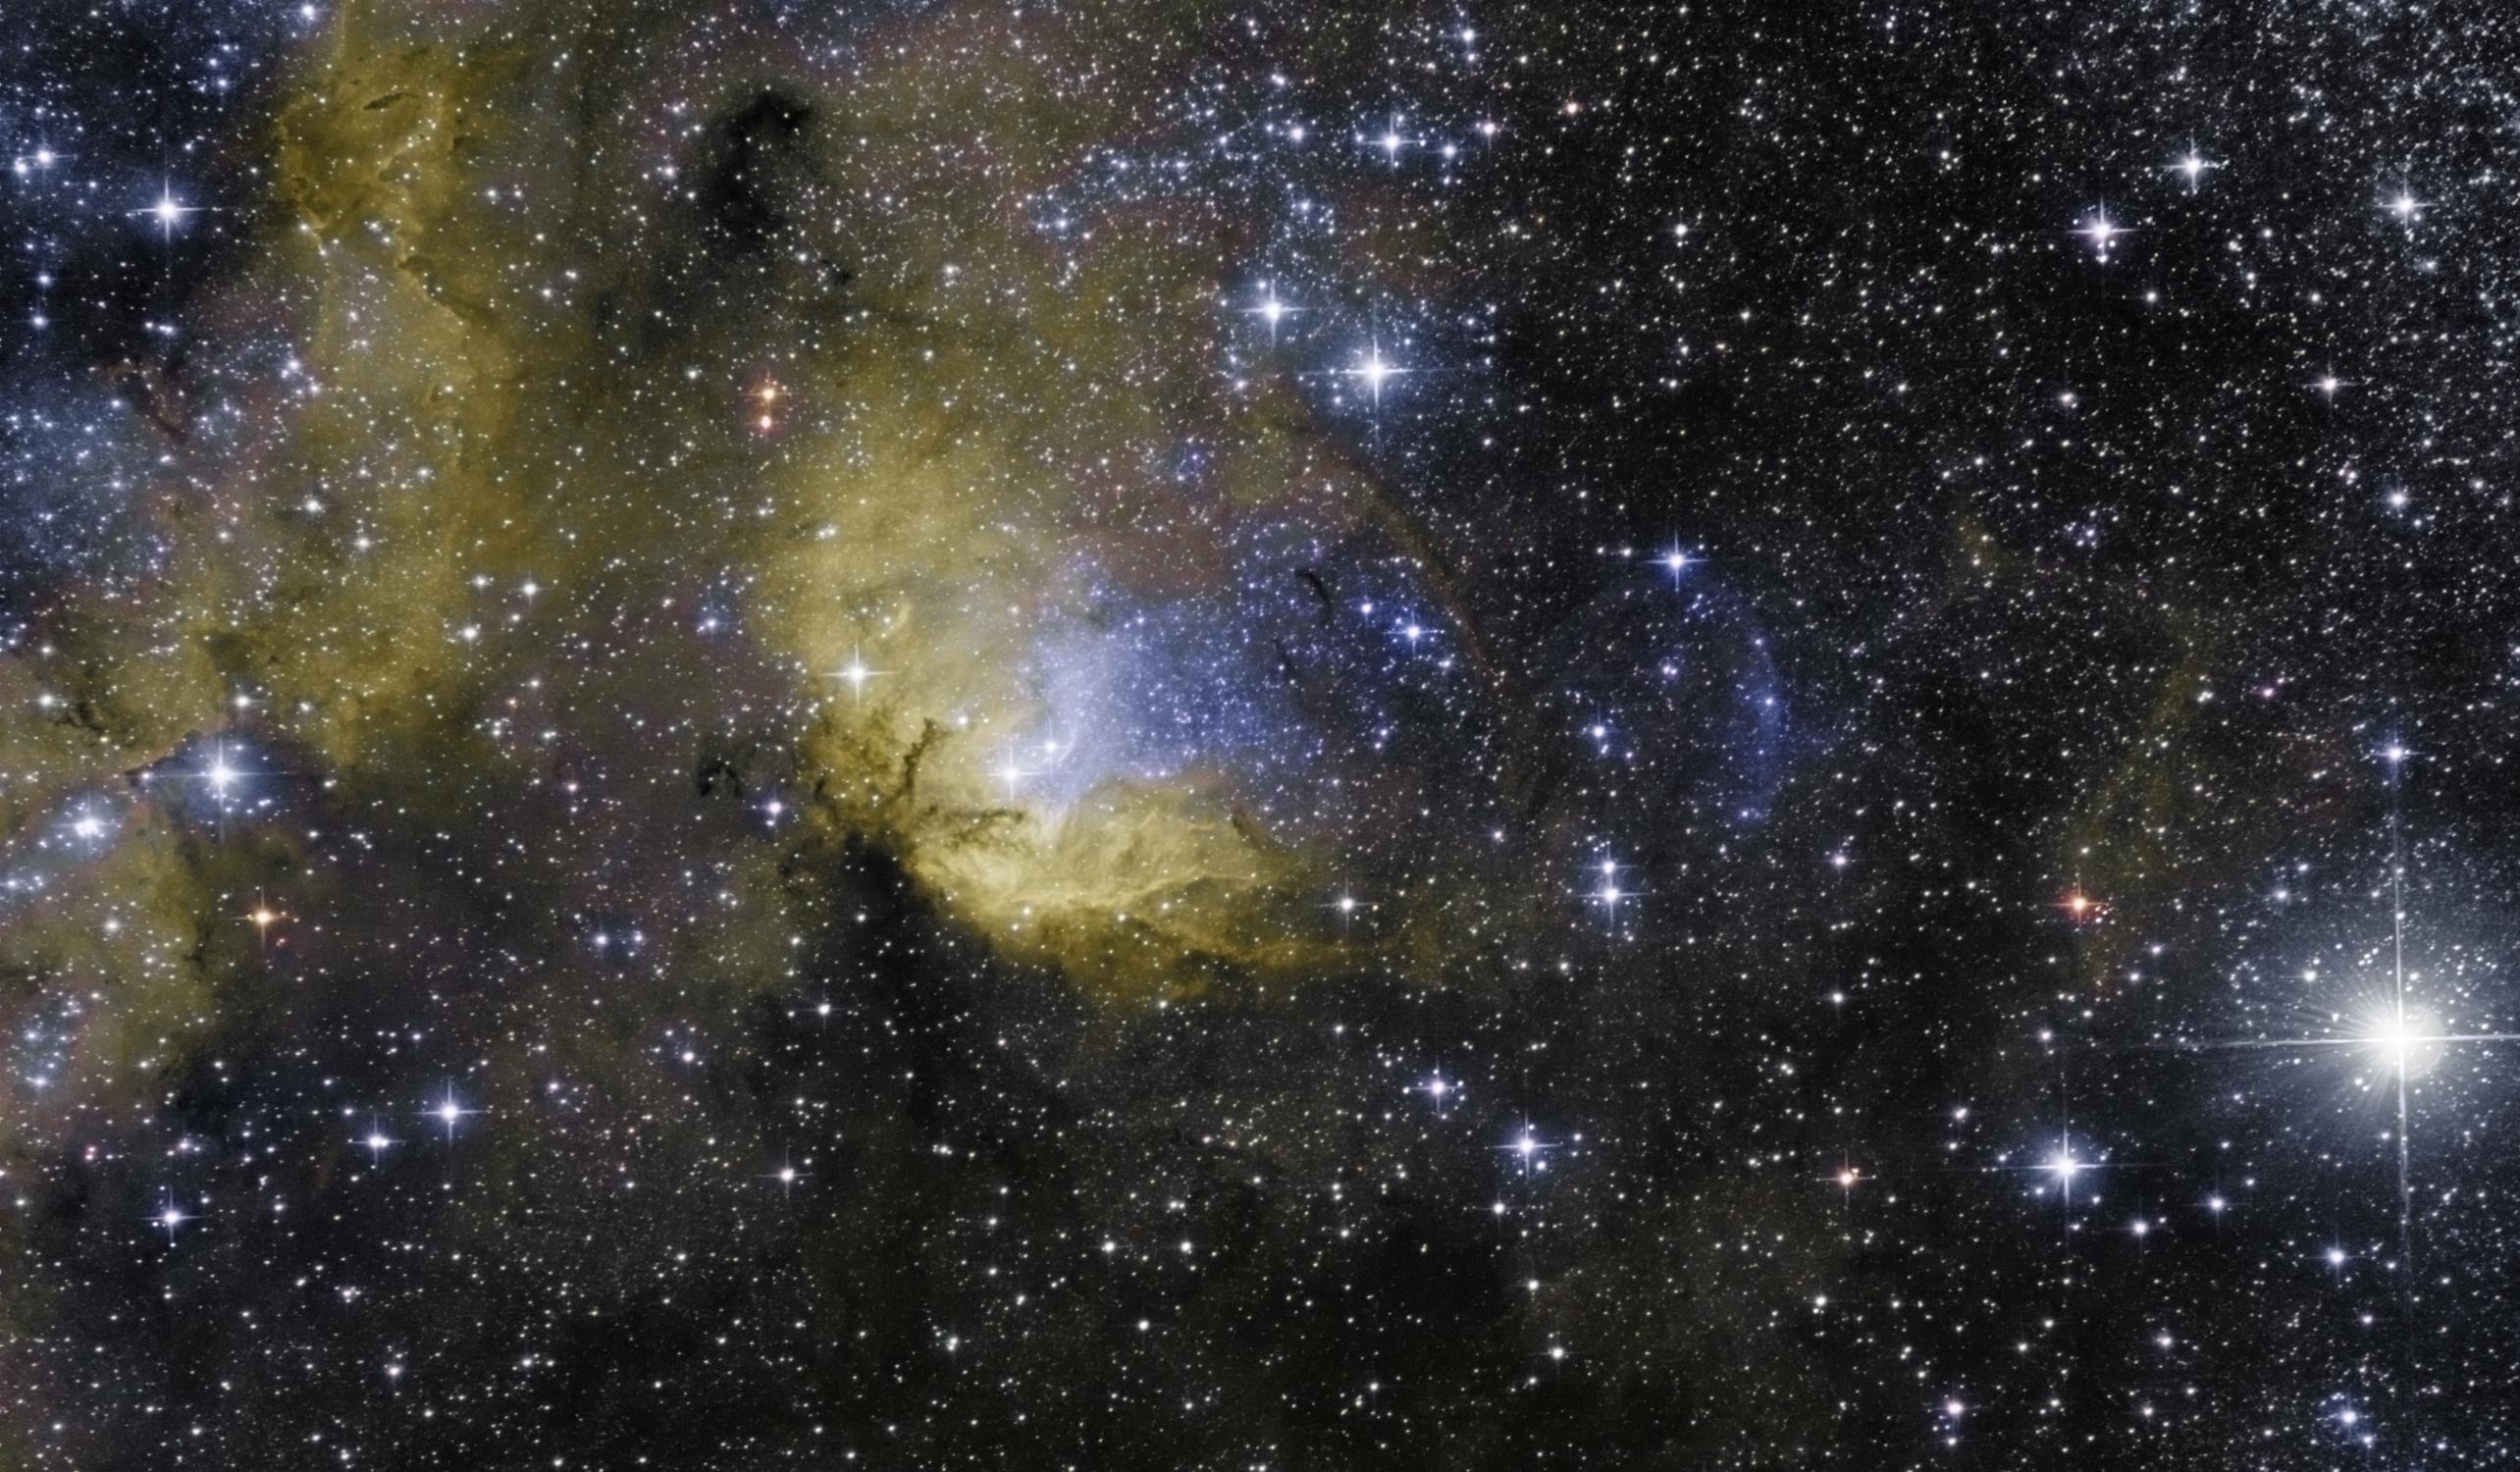 Sh2-101 Tulipán-köd és a Cygnus X-1 fekete lyuk lökéshullámfrontja